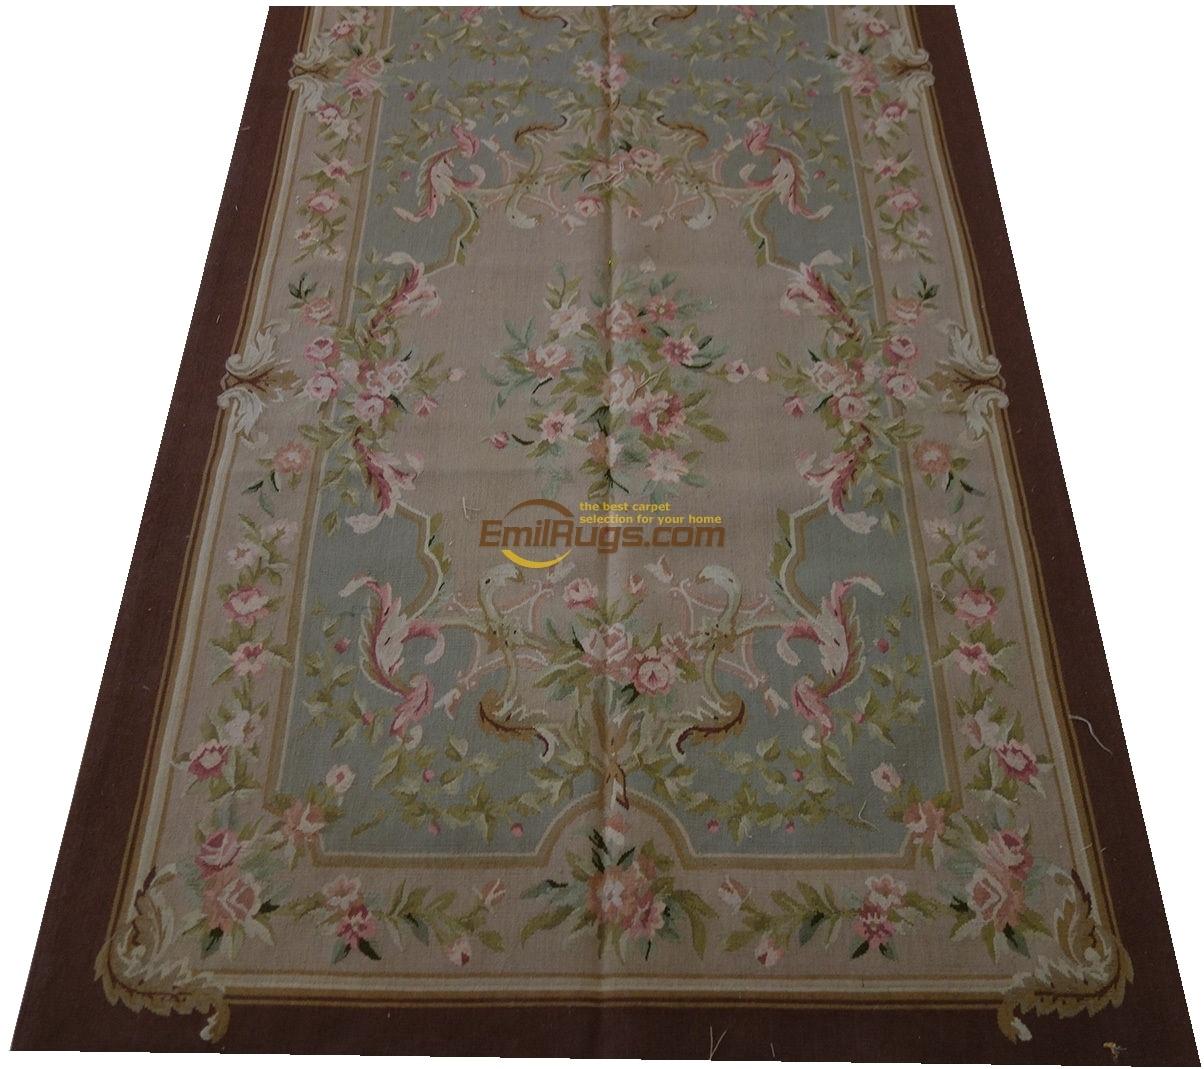 Carpet Handmade Big Carpet For Living Room Aubusson Carpet Wool Knitting CarpetsCarpet Handmade Big Carpet For Living Room Aubusson Carpet Wool Knitting Carpets